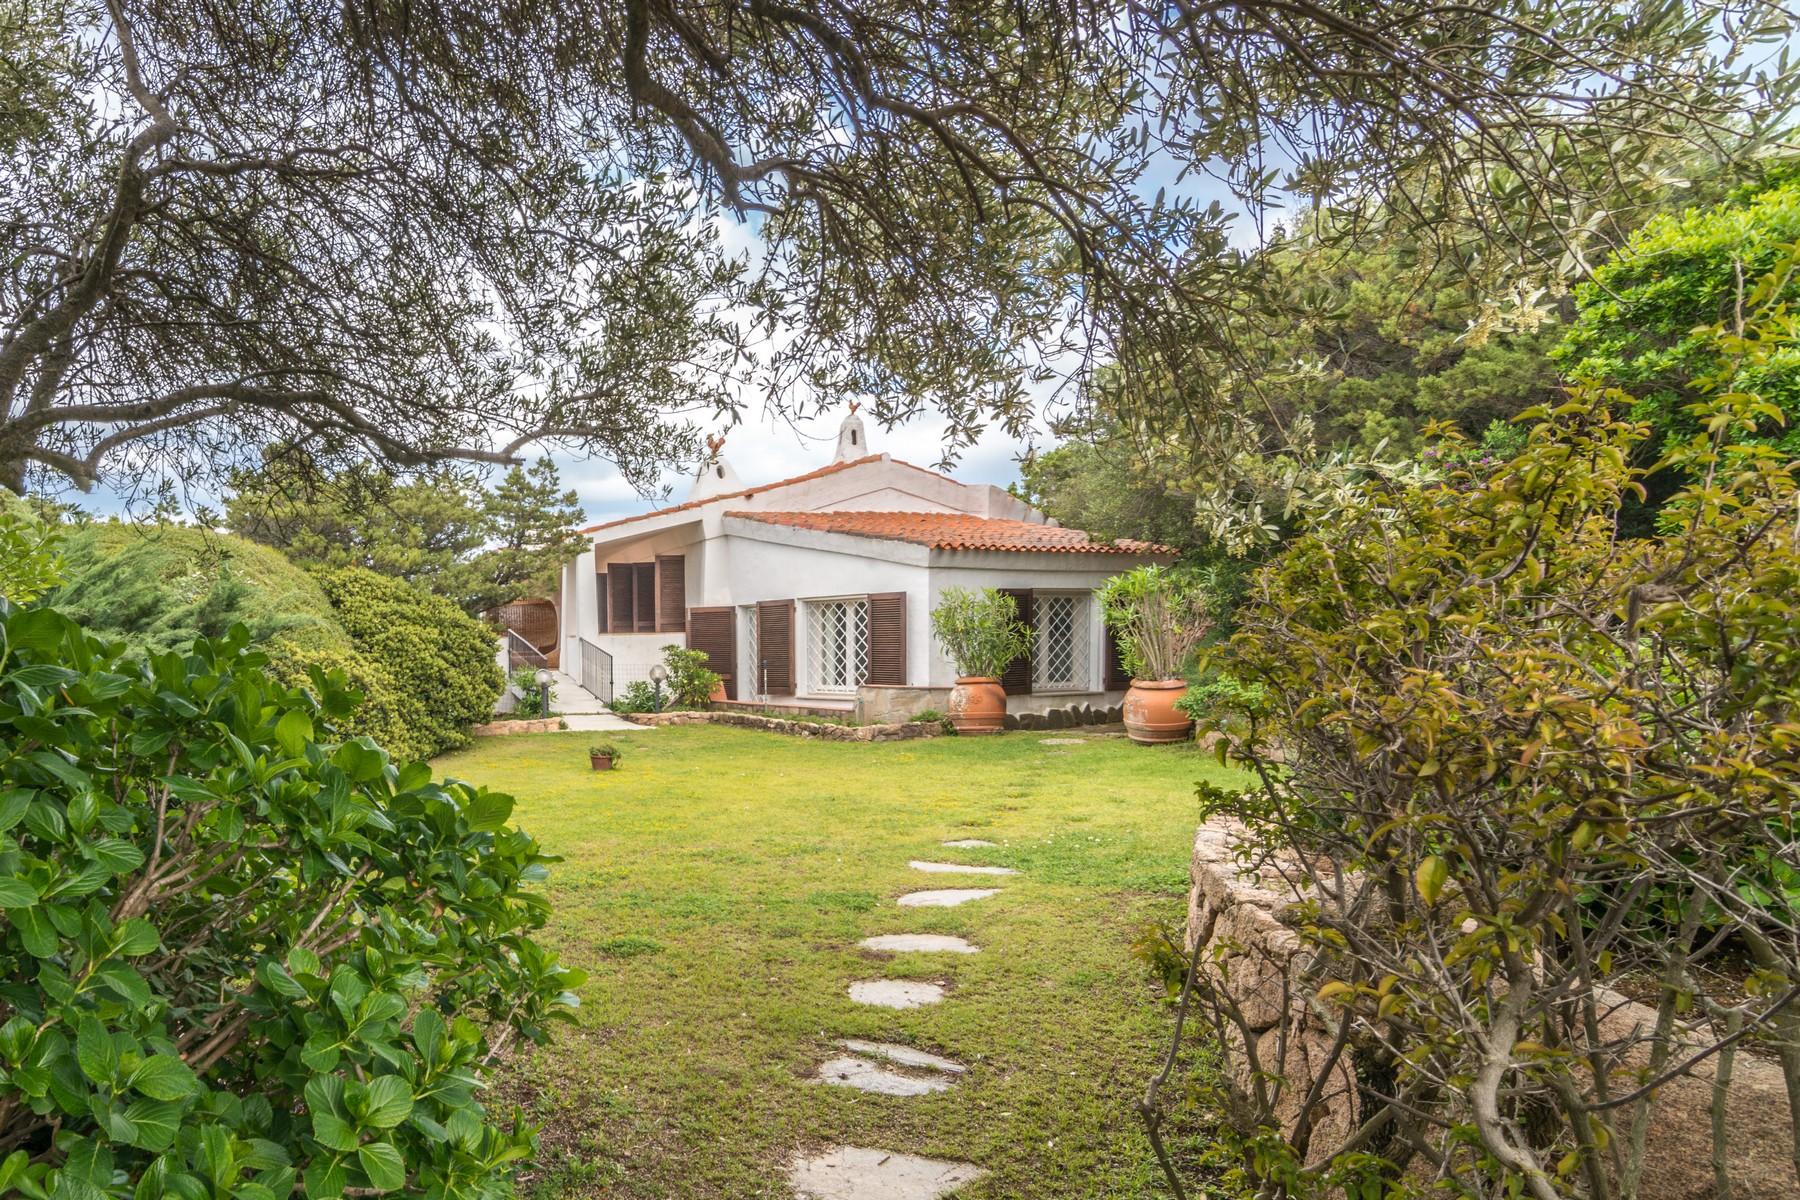 Villa in Vendita a Arzachena: 5 locali, 300 mq - Foto 30